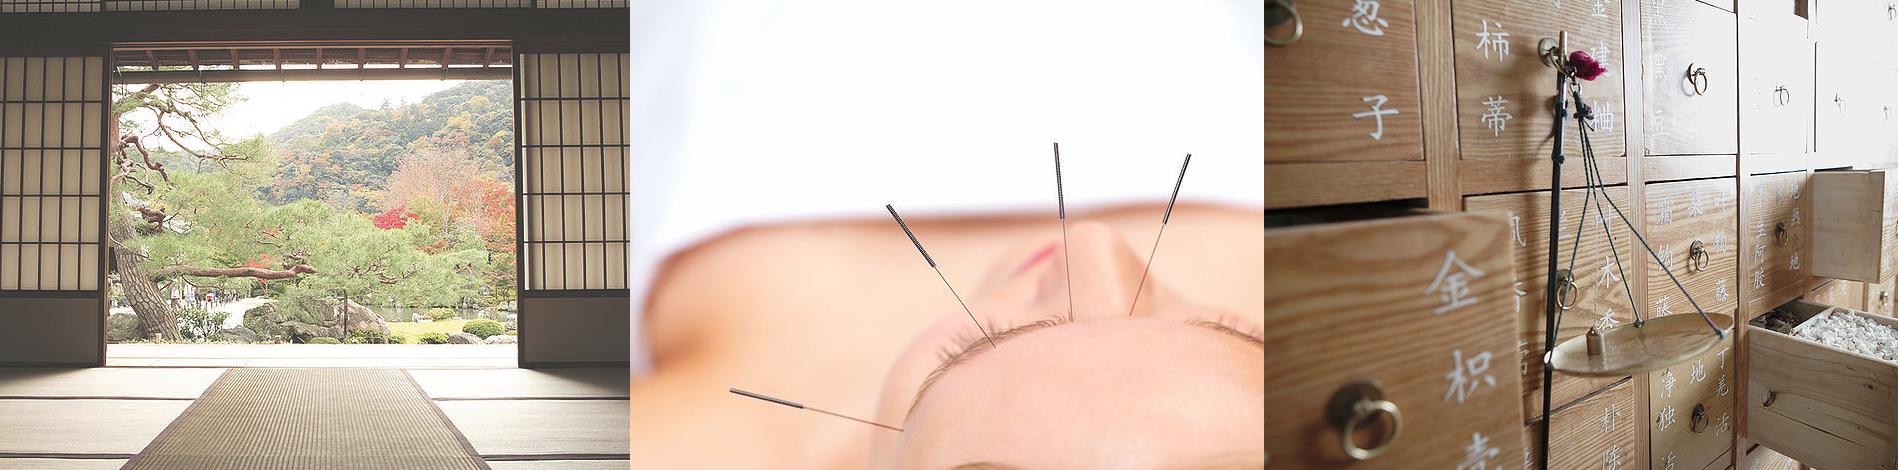 electro-acupunctuur